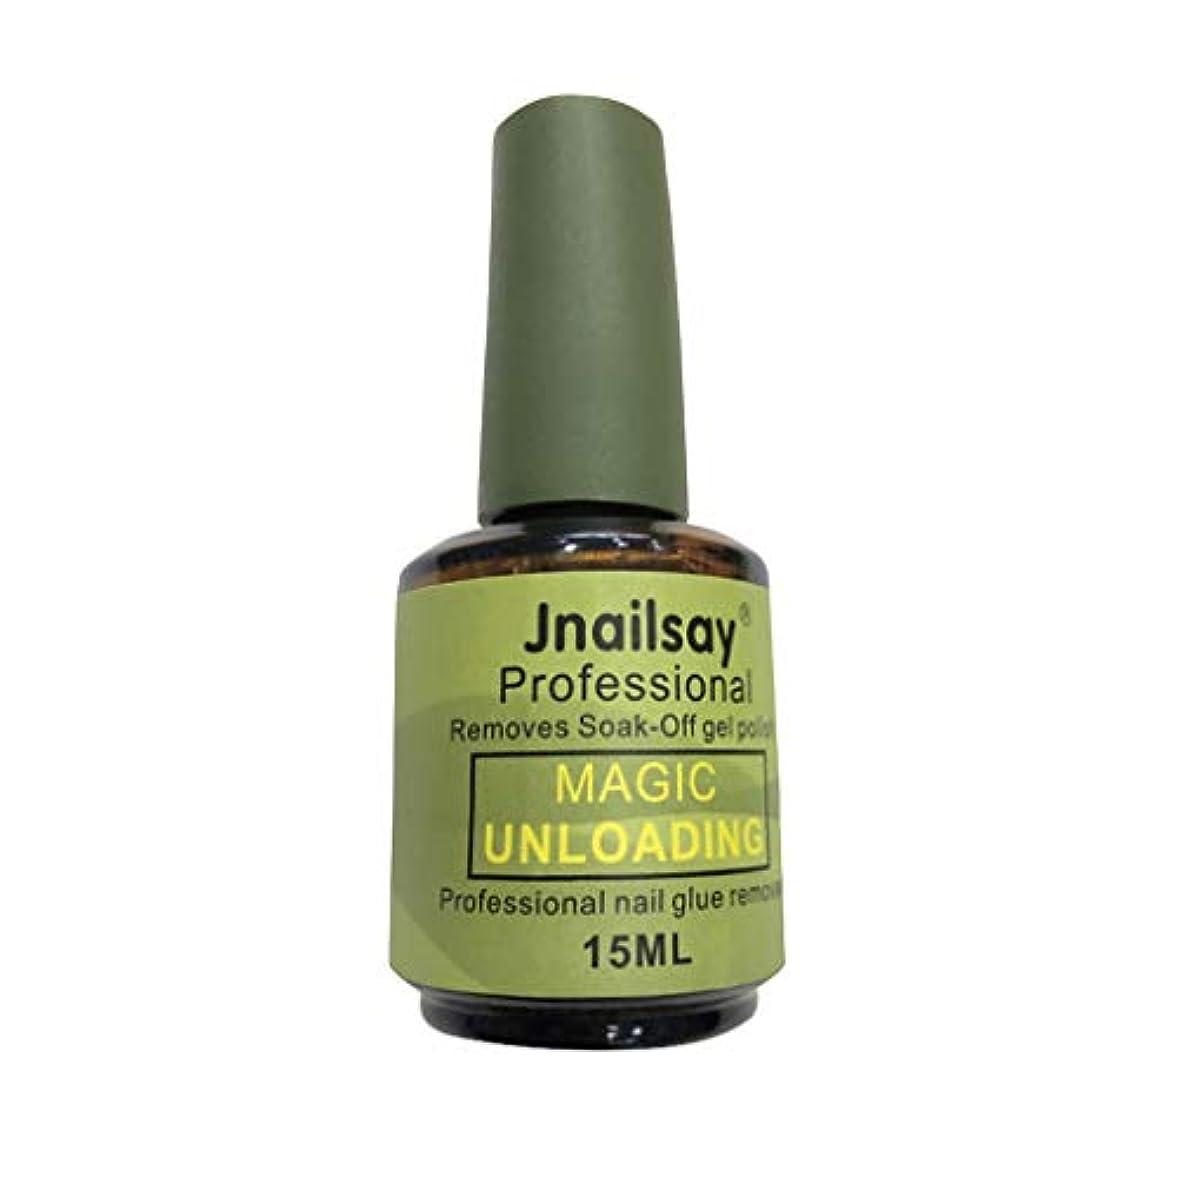 ビルダーシャベルドラゴンネイル用品 Jnailsay 15ml速い破裂の装甲接着剤1分の荷を下す操作は釘を傷つけないで簡単で便利です (多色)